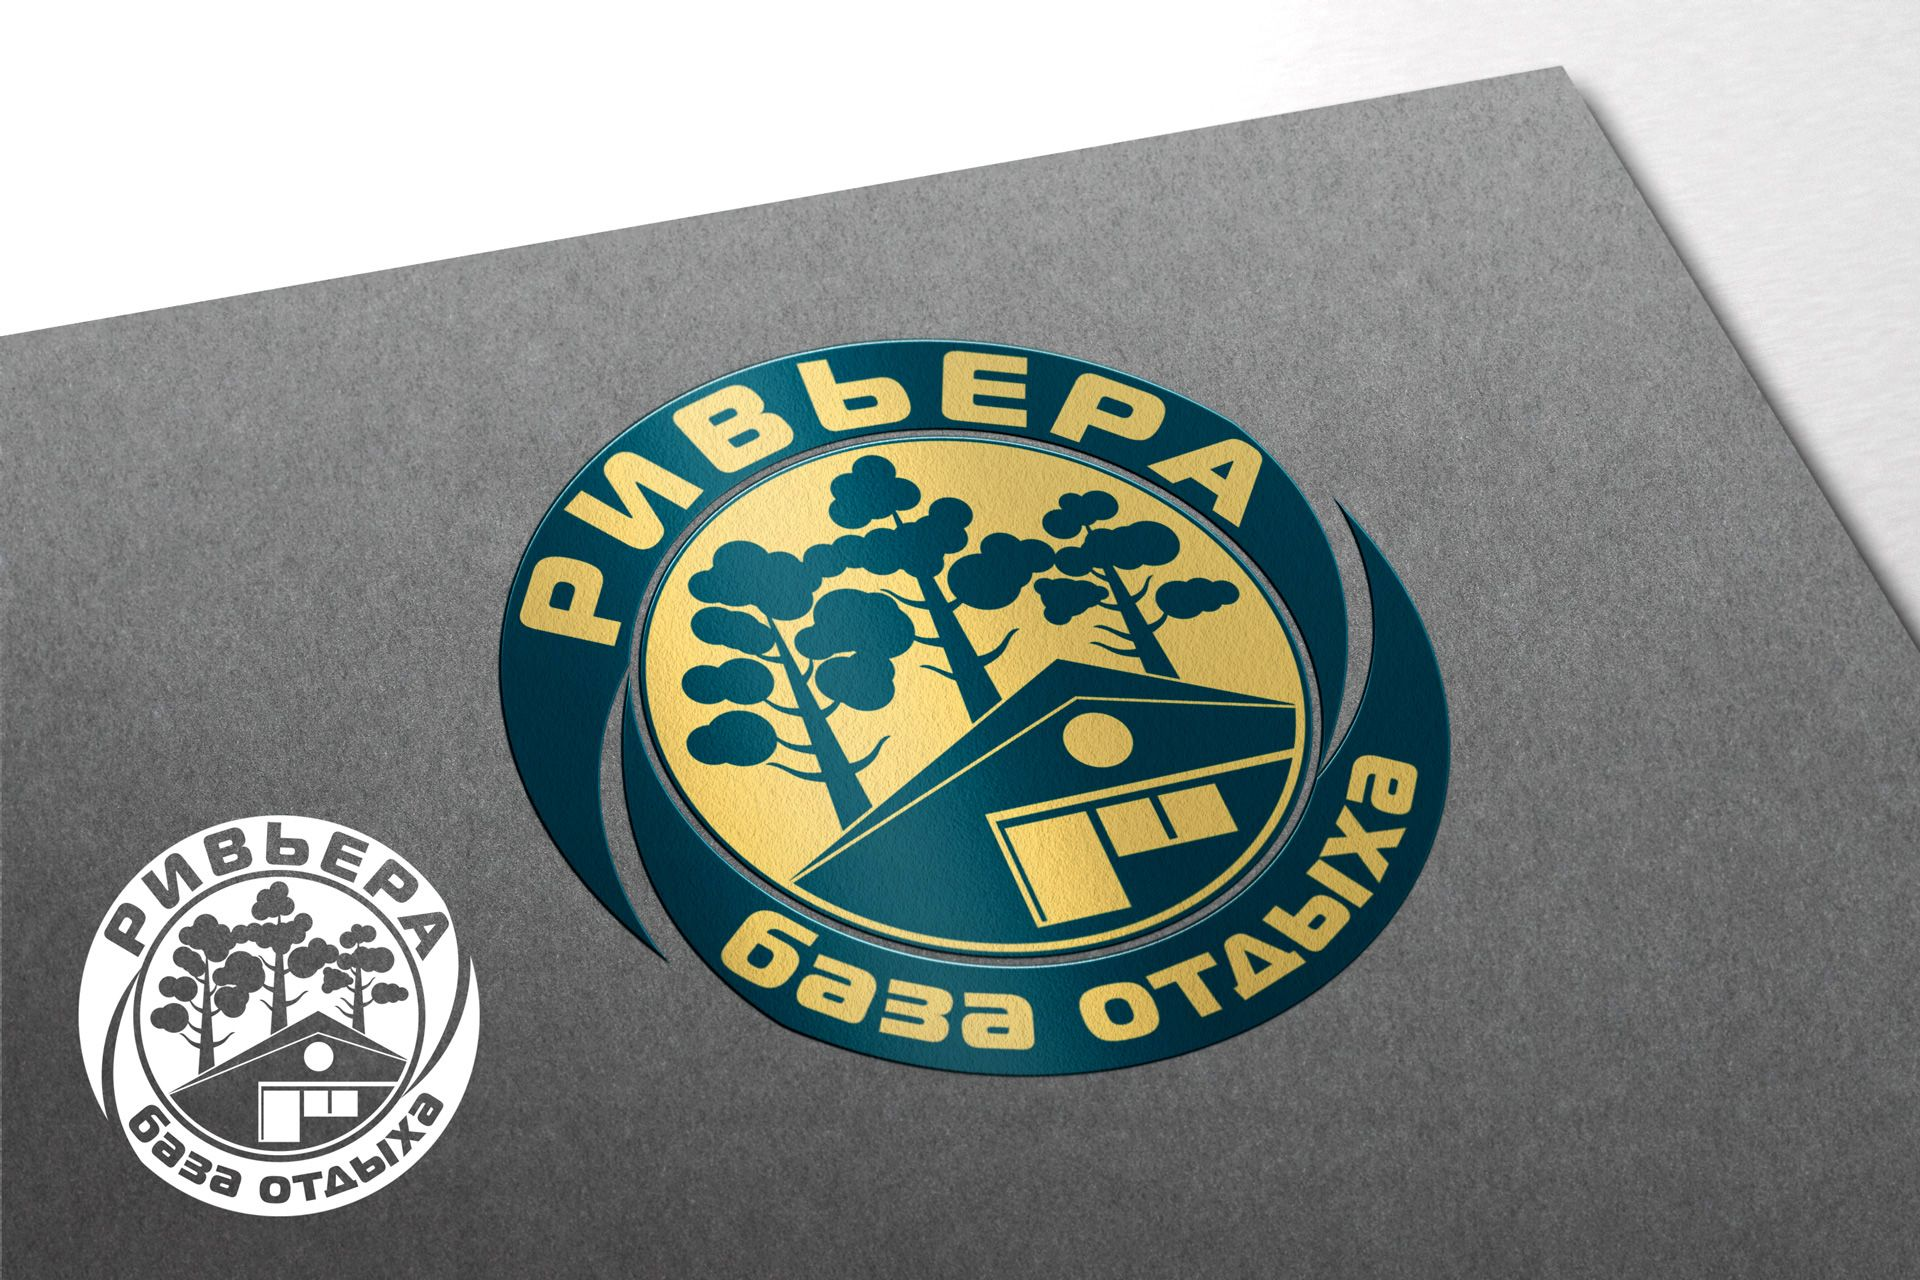 Логотип и фирменный стиль для базы отдыха  - дизайнер Advokat72